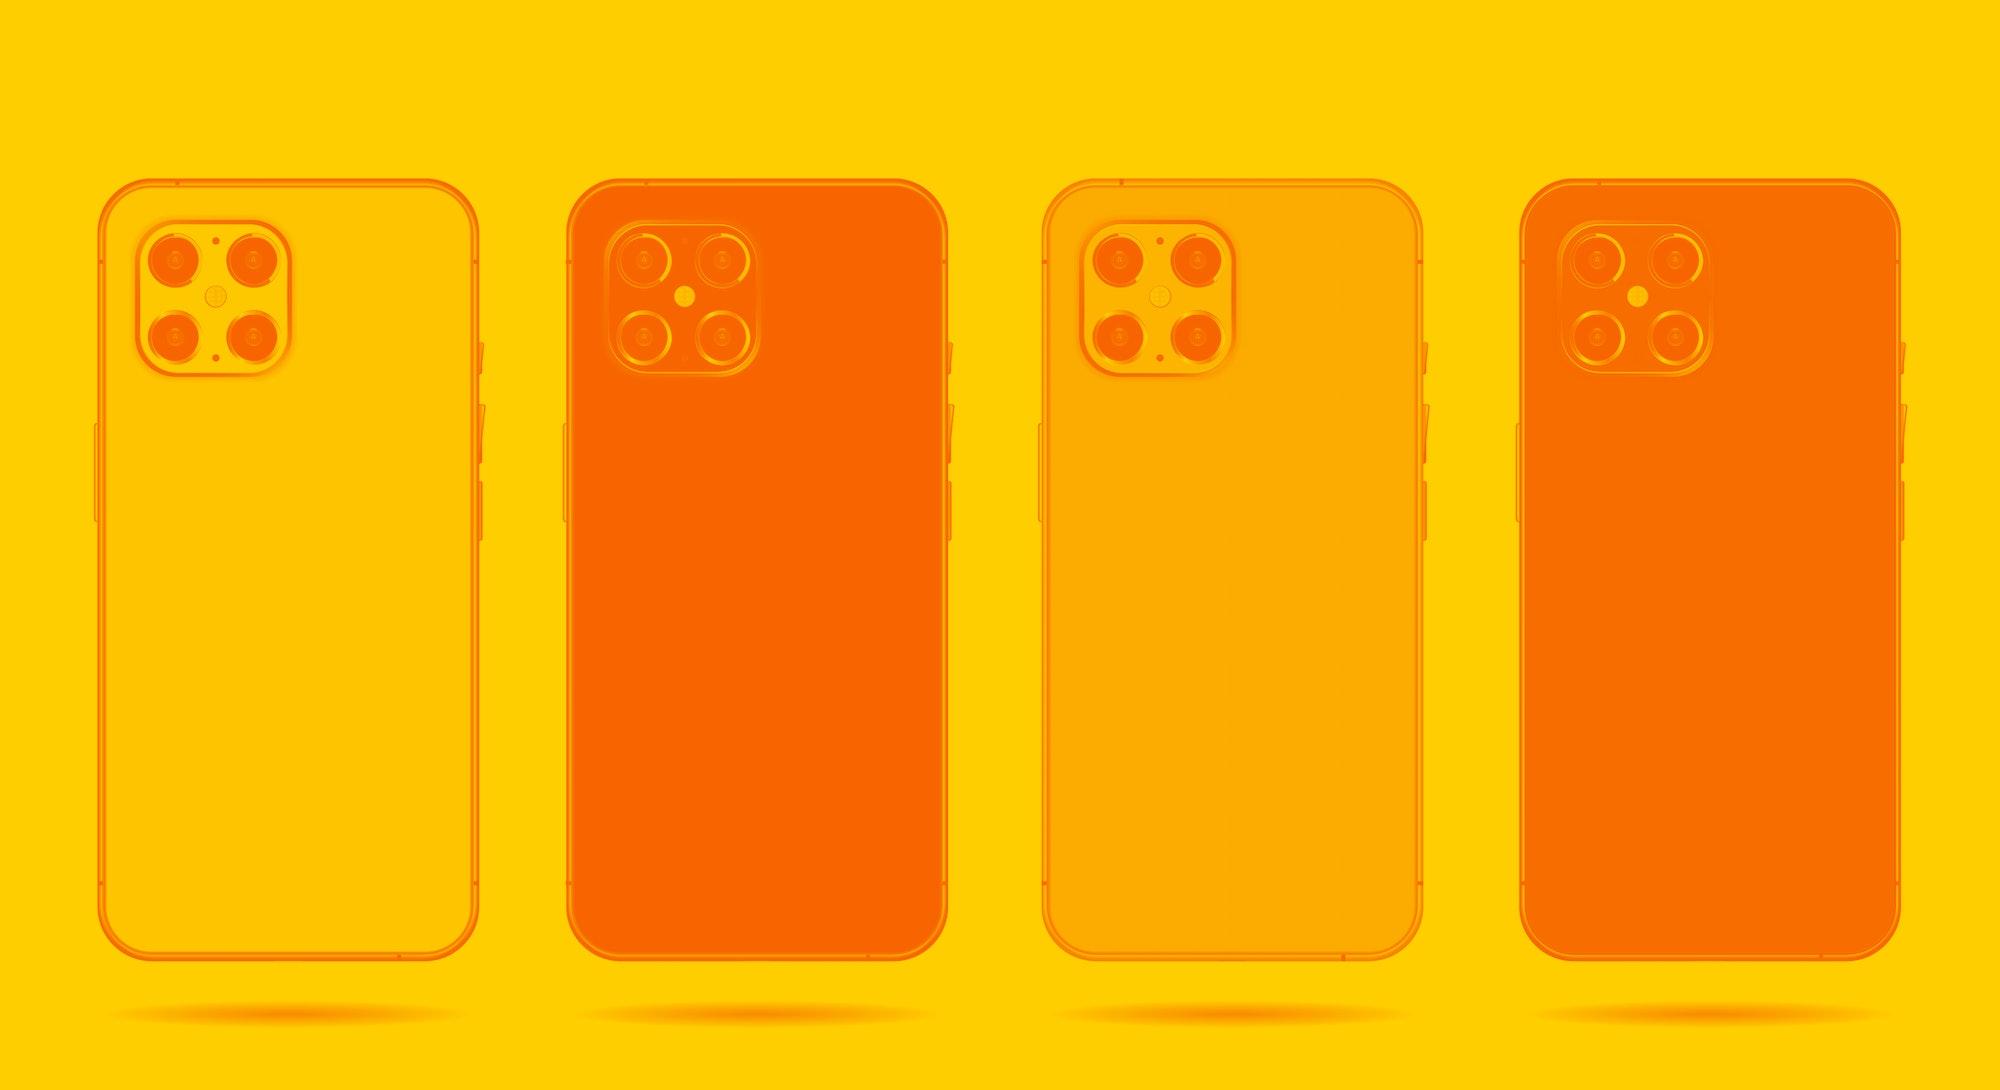 phone back set mickups isolated on white background